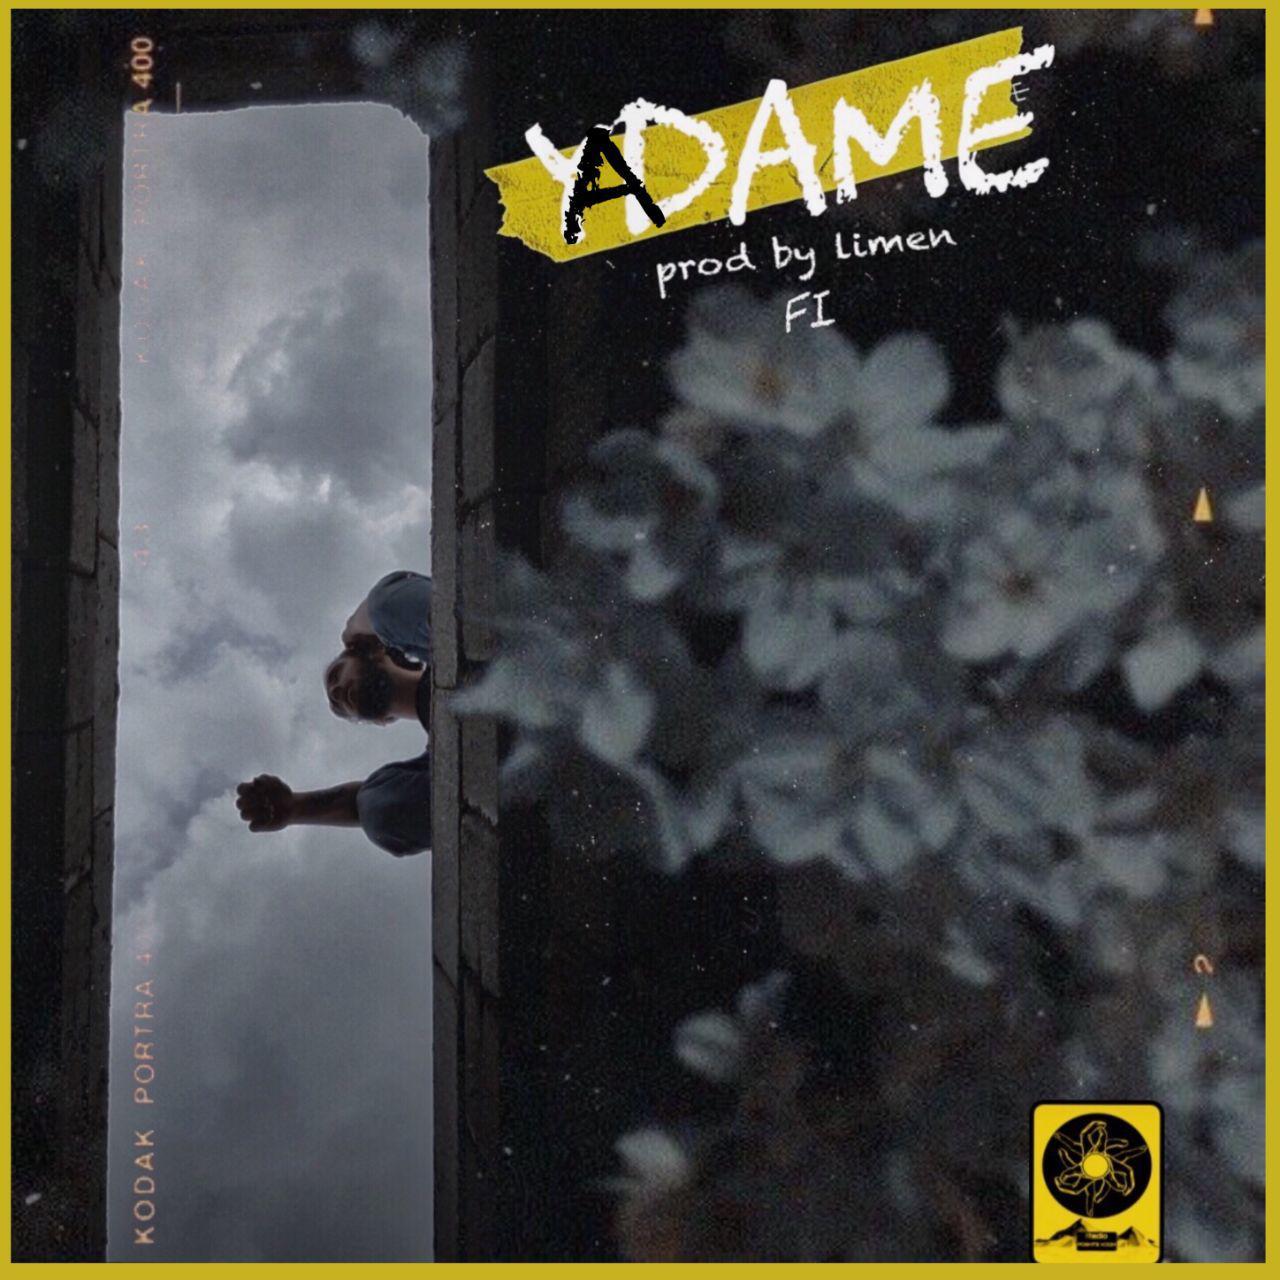 Fi – Yadame